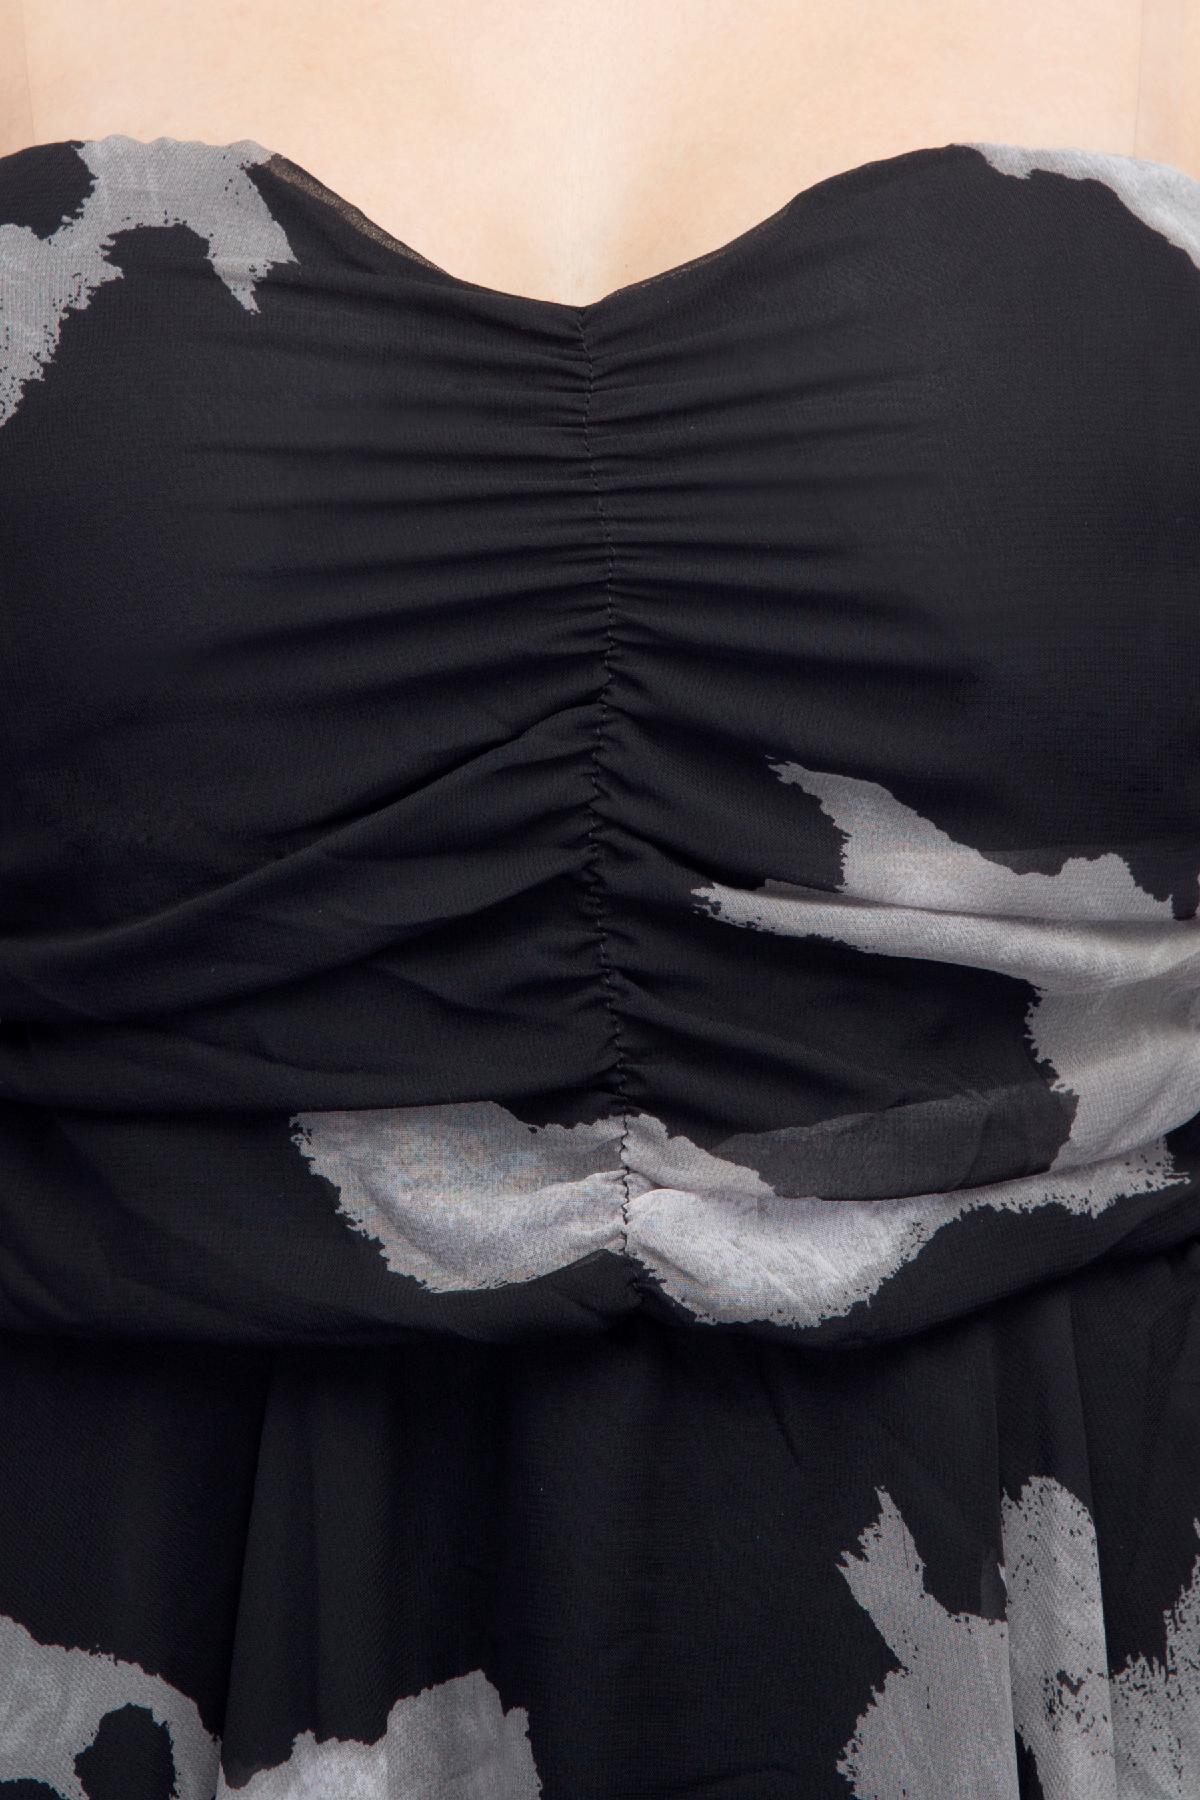 a7c1ecc3d5b ... RIB clothing Diva Tube Dress Black   White dress for rent